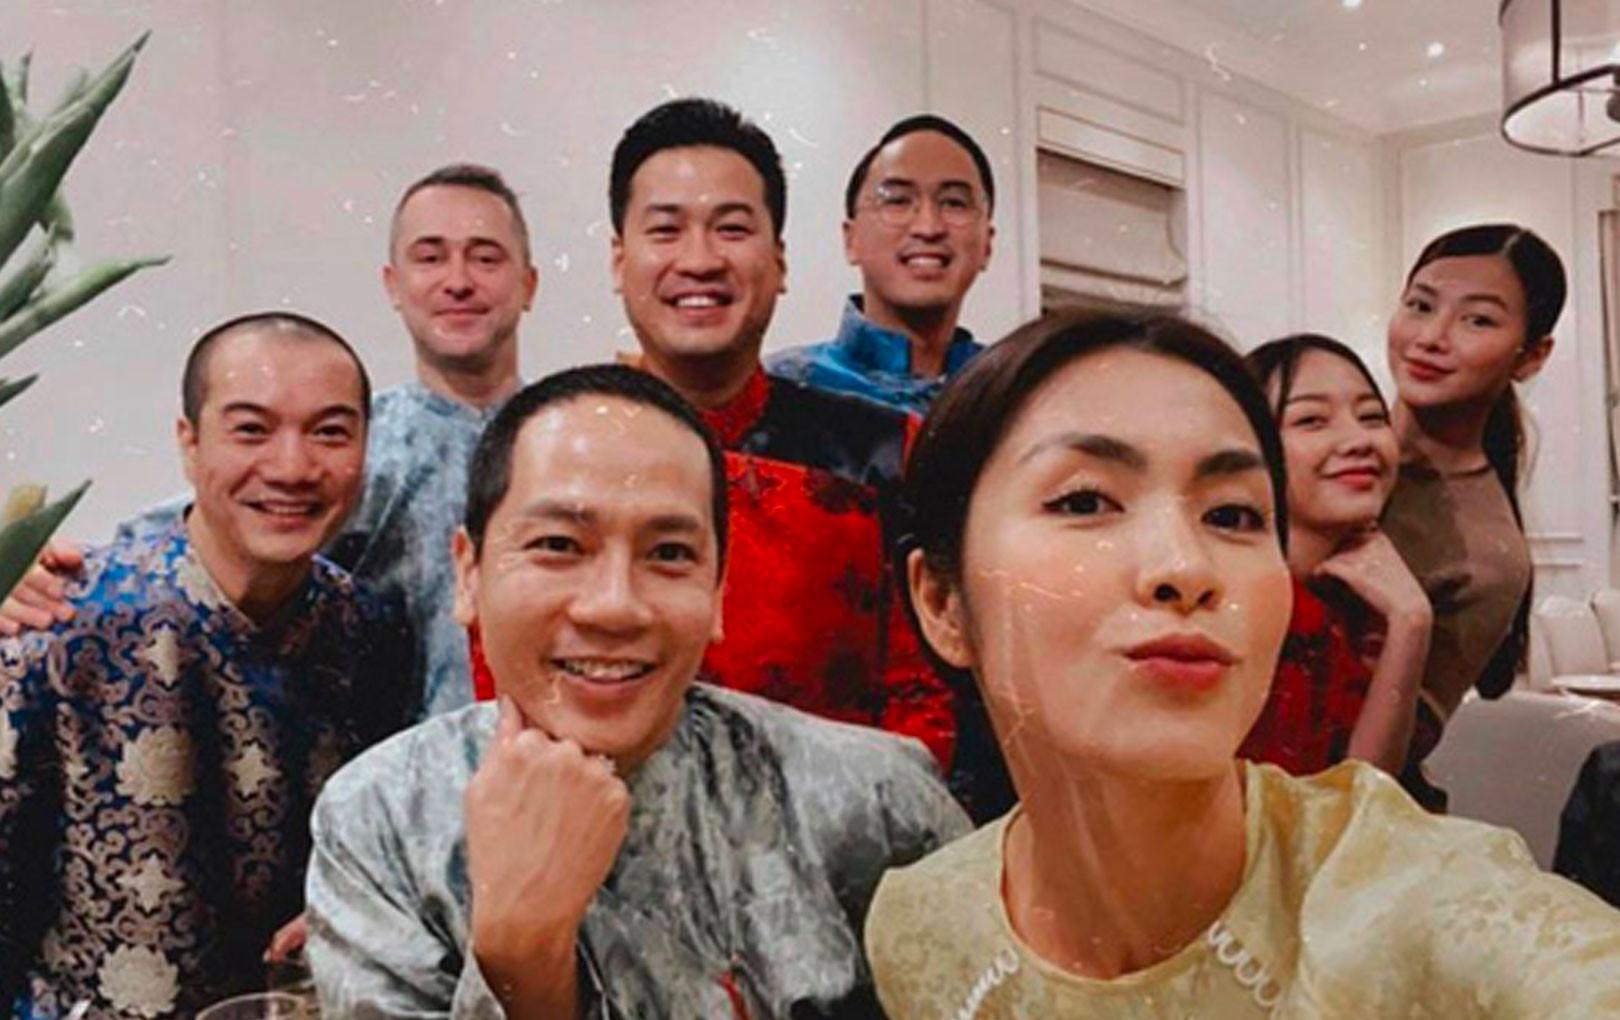 Tiệc tất niên trong biệt thự nhà Hà Tăng: Kathy Uyên, Phương Khánh bận áo dài, Băng Di sánh đôi bên bạn trai đại gia